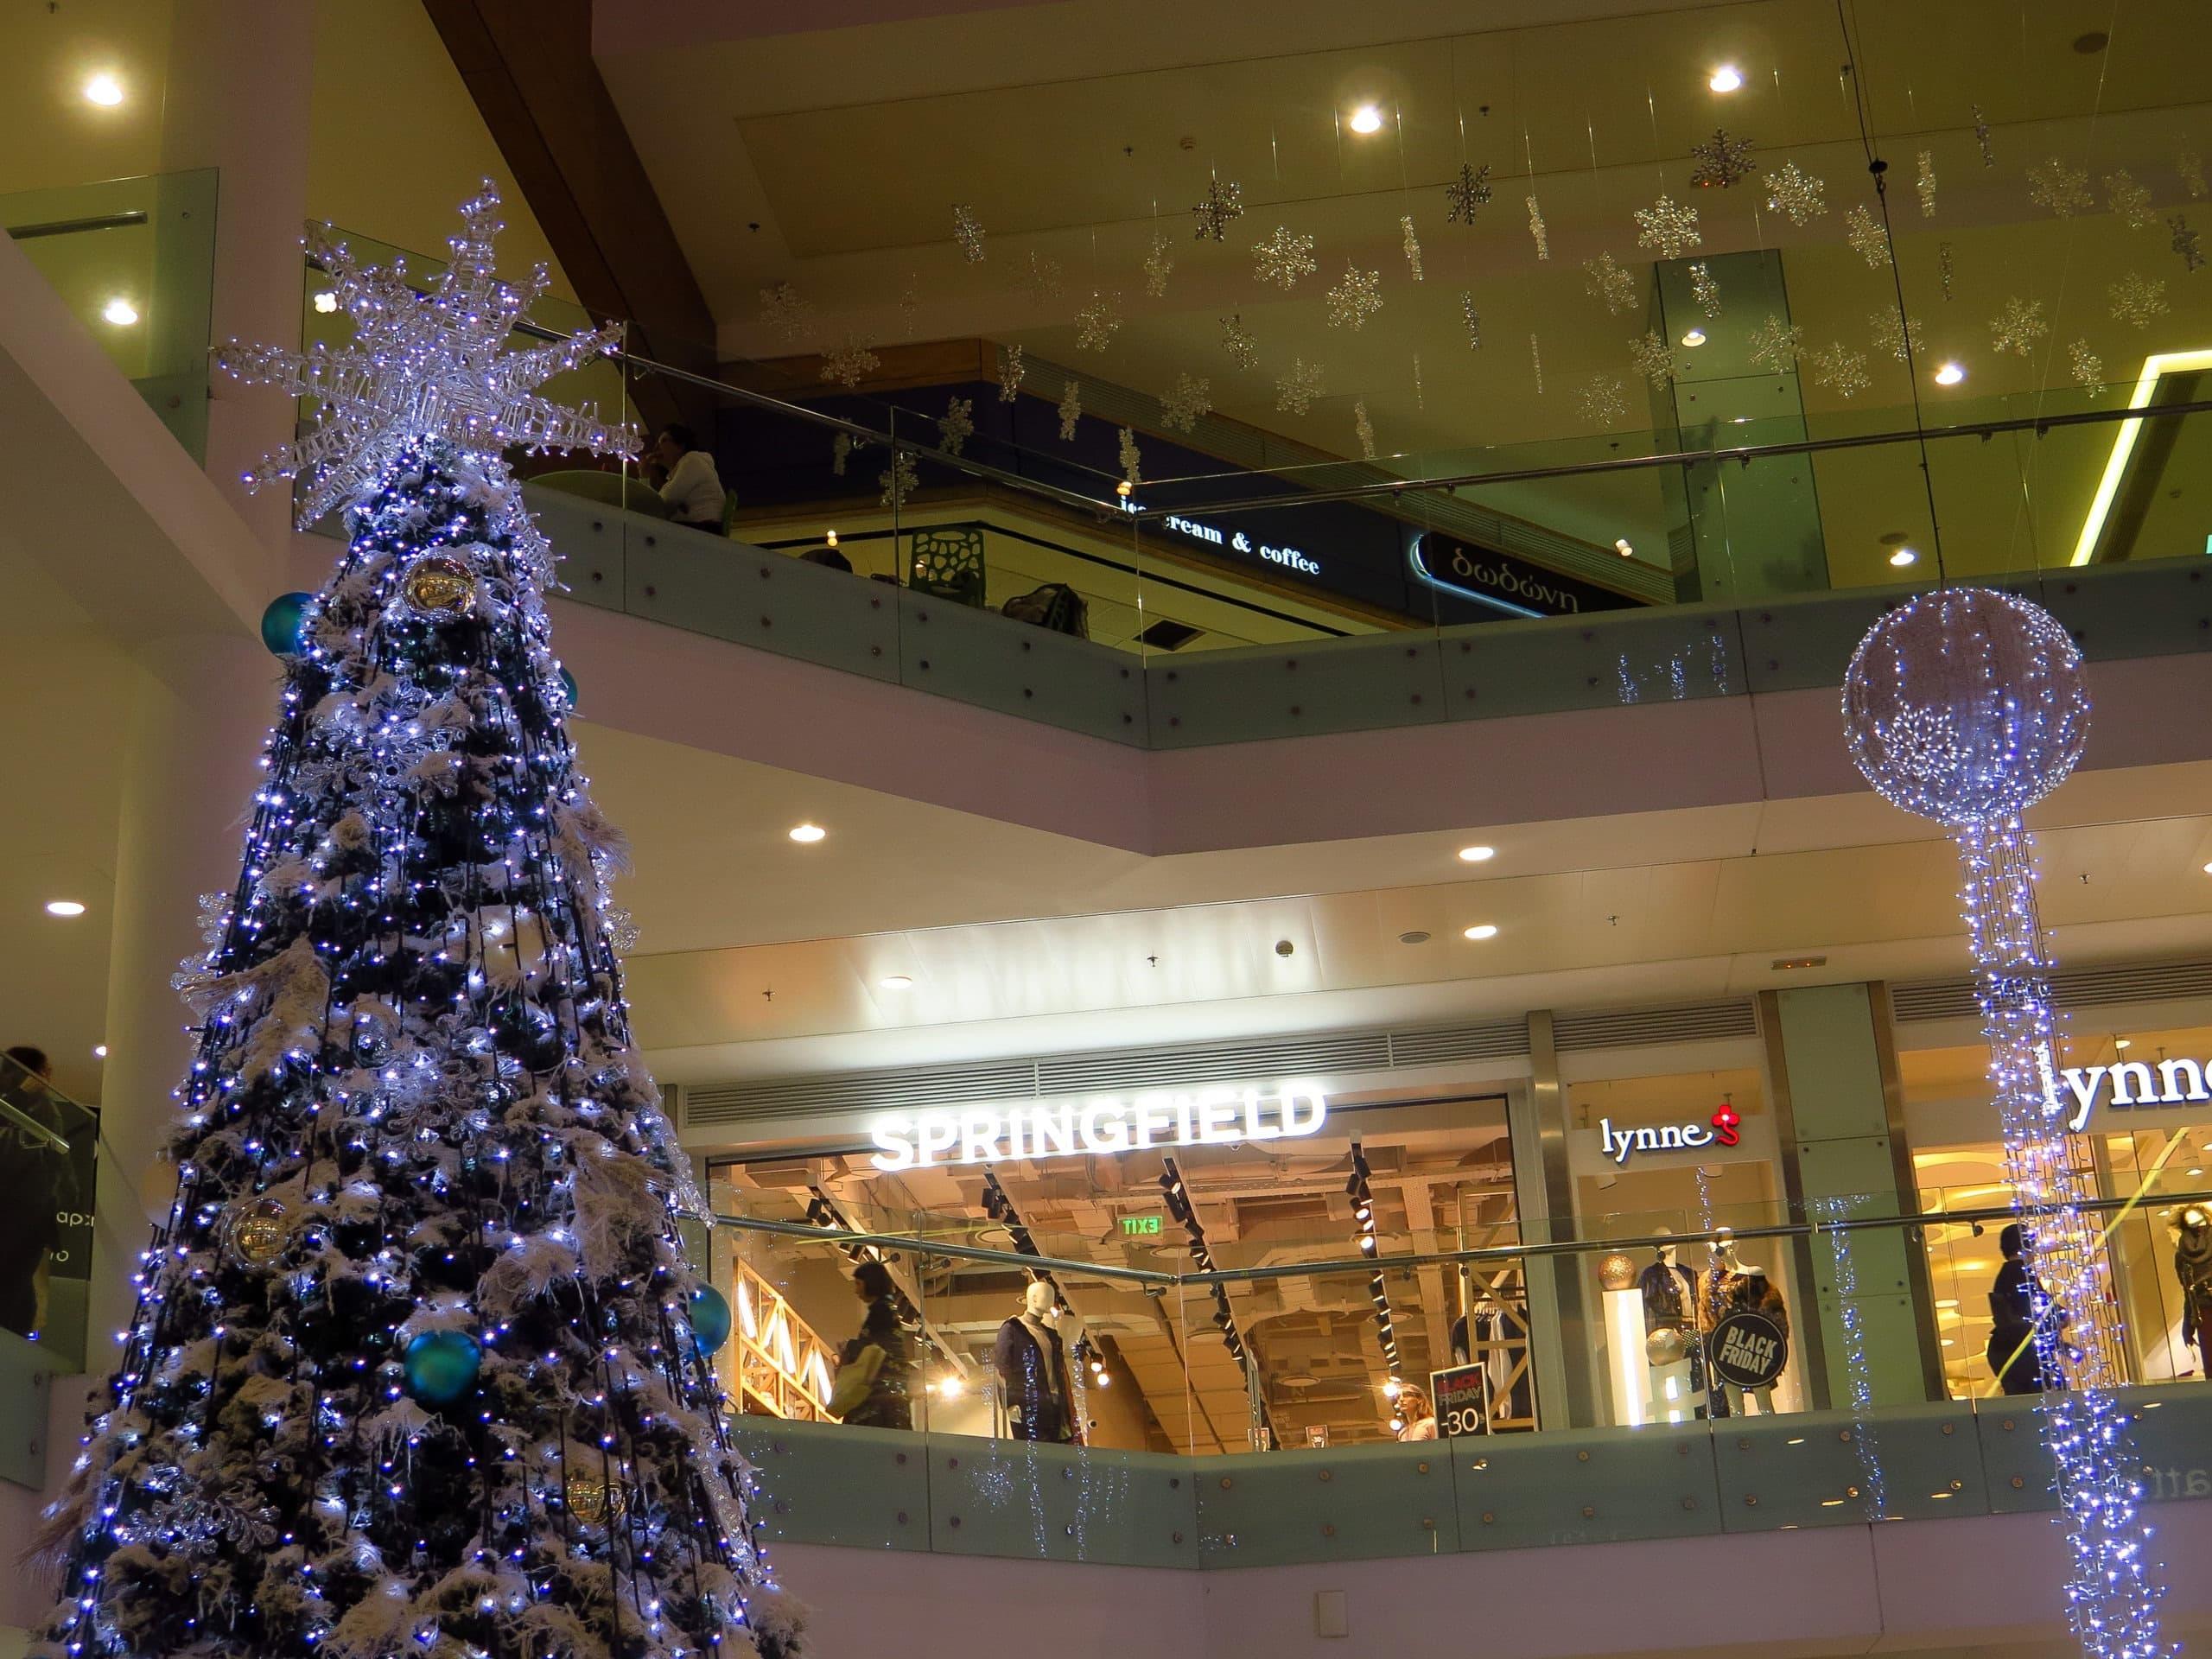 Μαγαζιά: Ανοίγουν στις 7 Δεκεμβρίου ΜΟΝΟ τα εποχικά καταστήματα Μαγαζιά: Ανοίγουν στις 7 Δεκεμβρίου ΜΟΝΟ τα εποχικά καταστήματα Κυριακή ανοιχτά μαγαζιά Δεκεμβρίου 2019 - Εορταστικό ωράριο καταστημάτων